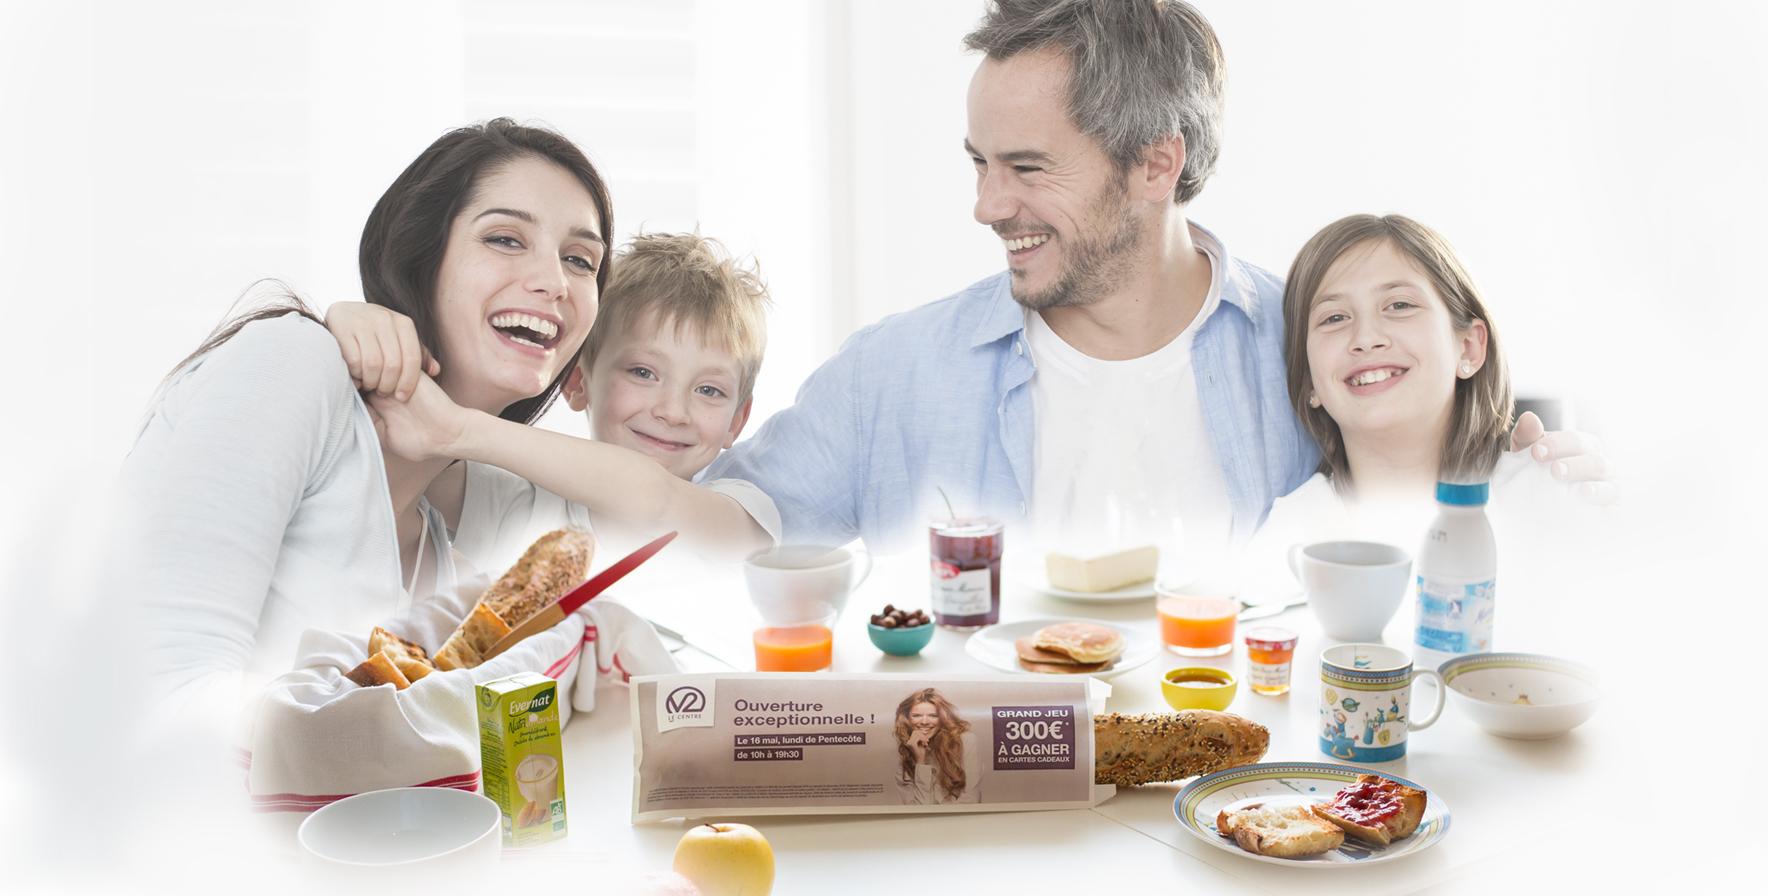 Sac à pain : le média de proximité par excellence - Keemia Communication OOH et hors-media